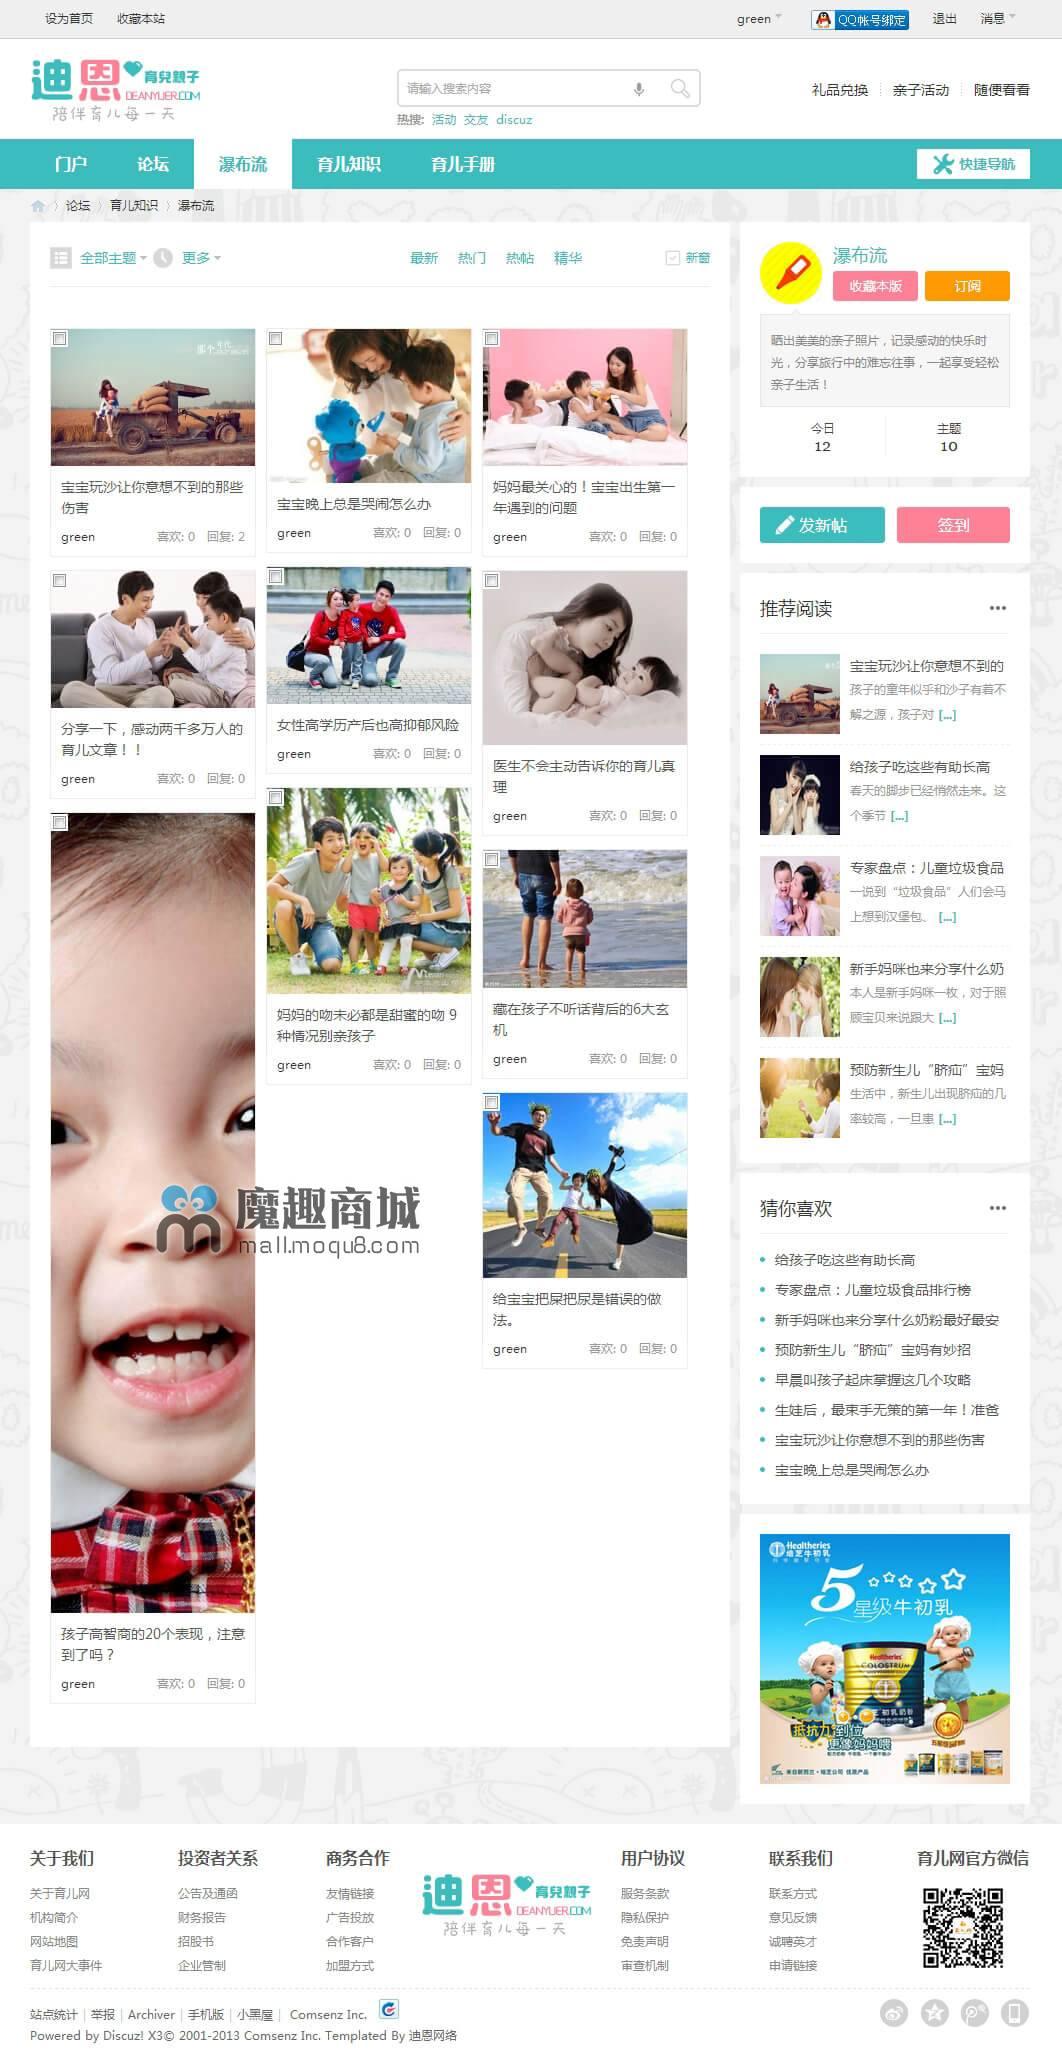 青蓝母婴亲子门户社区模板GBK+UTF8